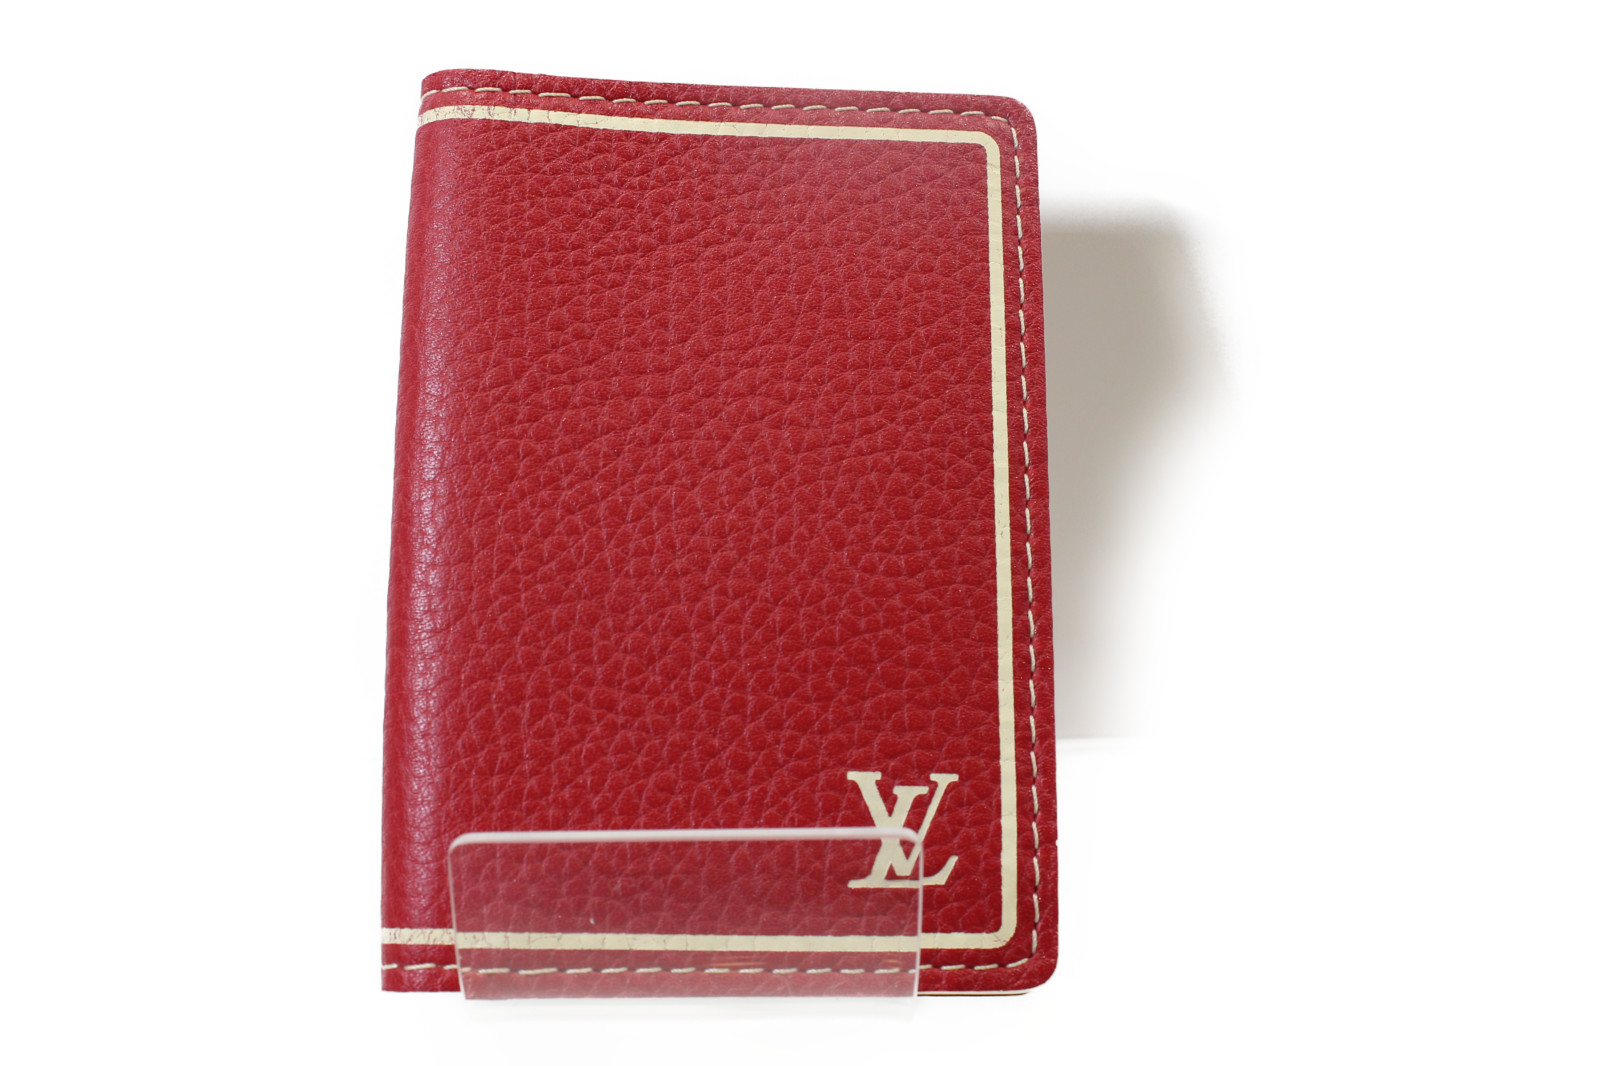 【☆レア商品☆】LOUIS VUITTON ルイヴィトンオーガナイザー・ドゥ・ポッシュ M95144レザー 赤 シンプル カードケースプレゼント包装可 【中古】